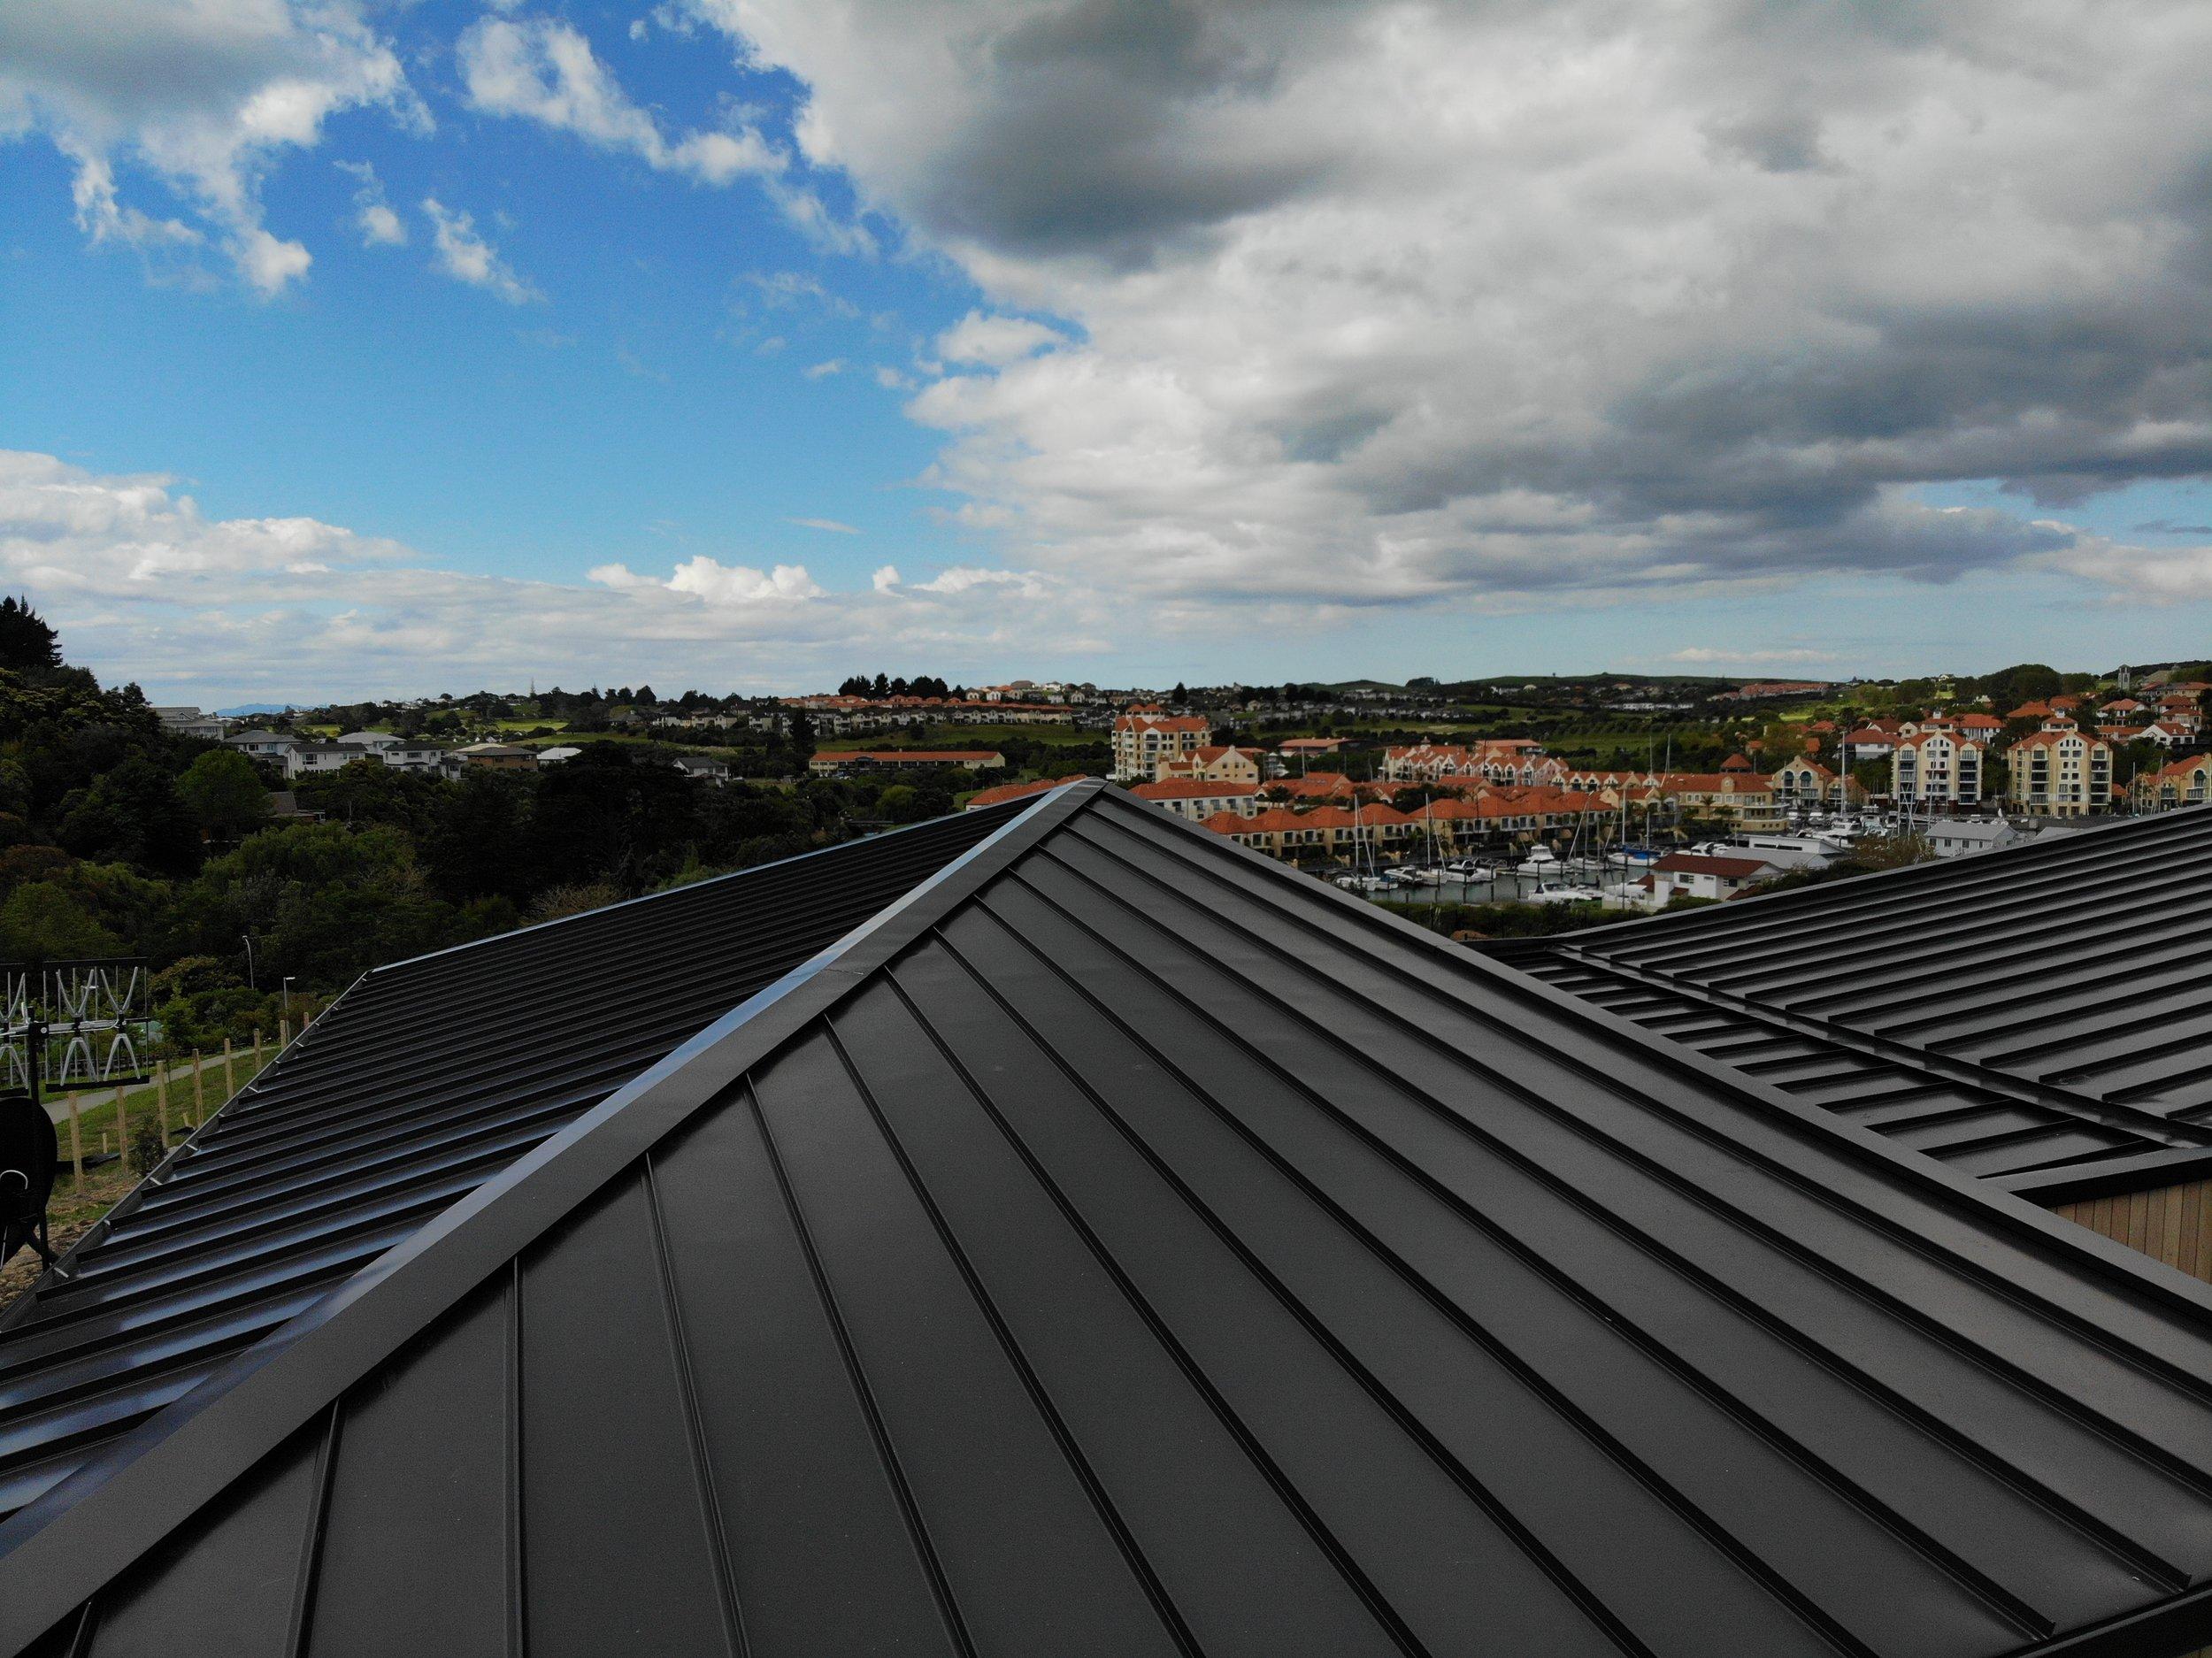 The-Roofing-Store-Steel-Metal-Super-Seam-540-Raven-1.jpg.jpg